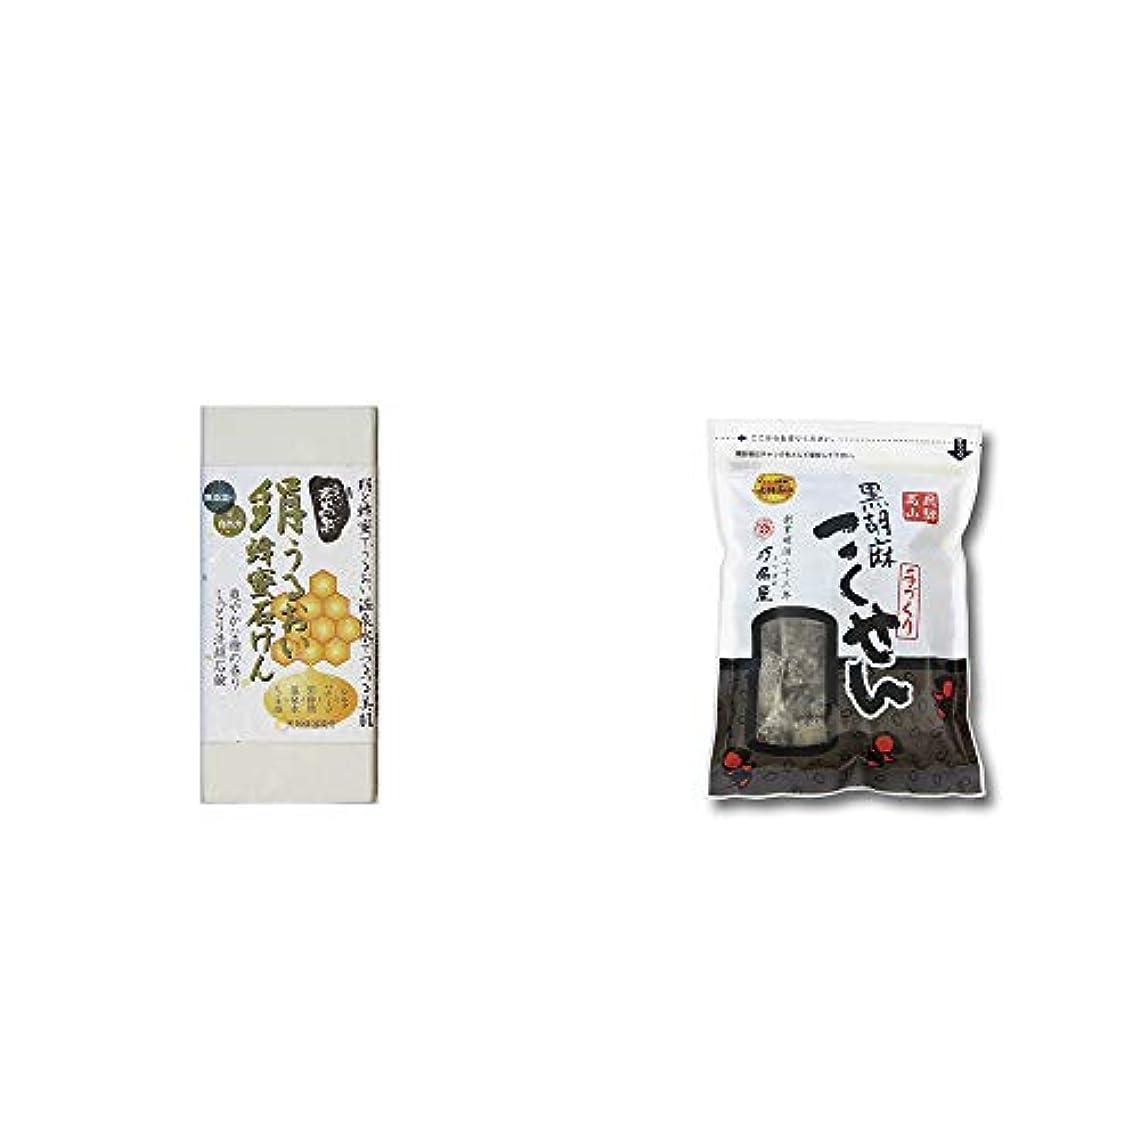 排気せっかち樹皮[2点セット] ひのき炭黒泉 絹うるおい蜂蜜石けん(75g×2)?飛騨 打保屋 駄菓子 げんこつきなこ(250g)